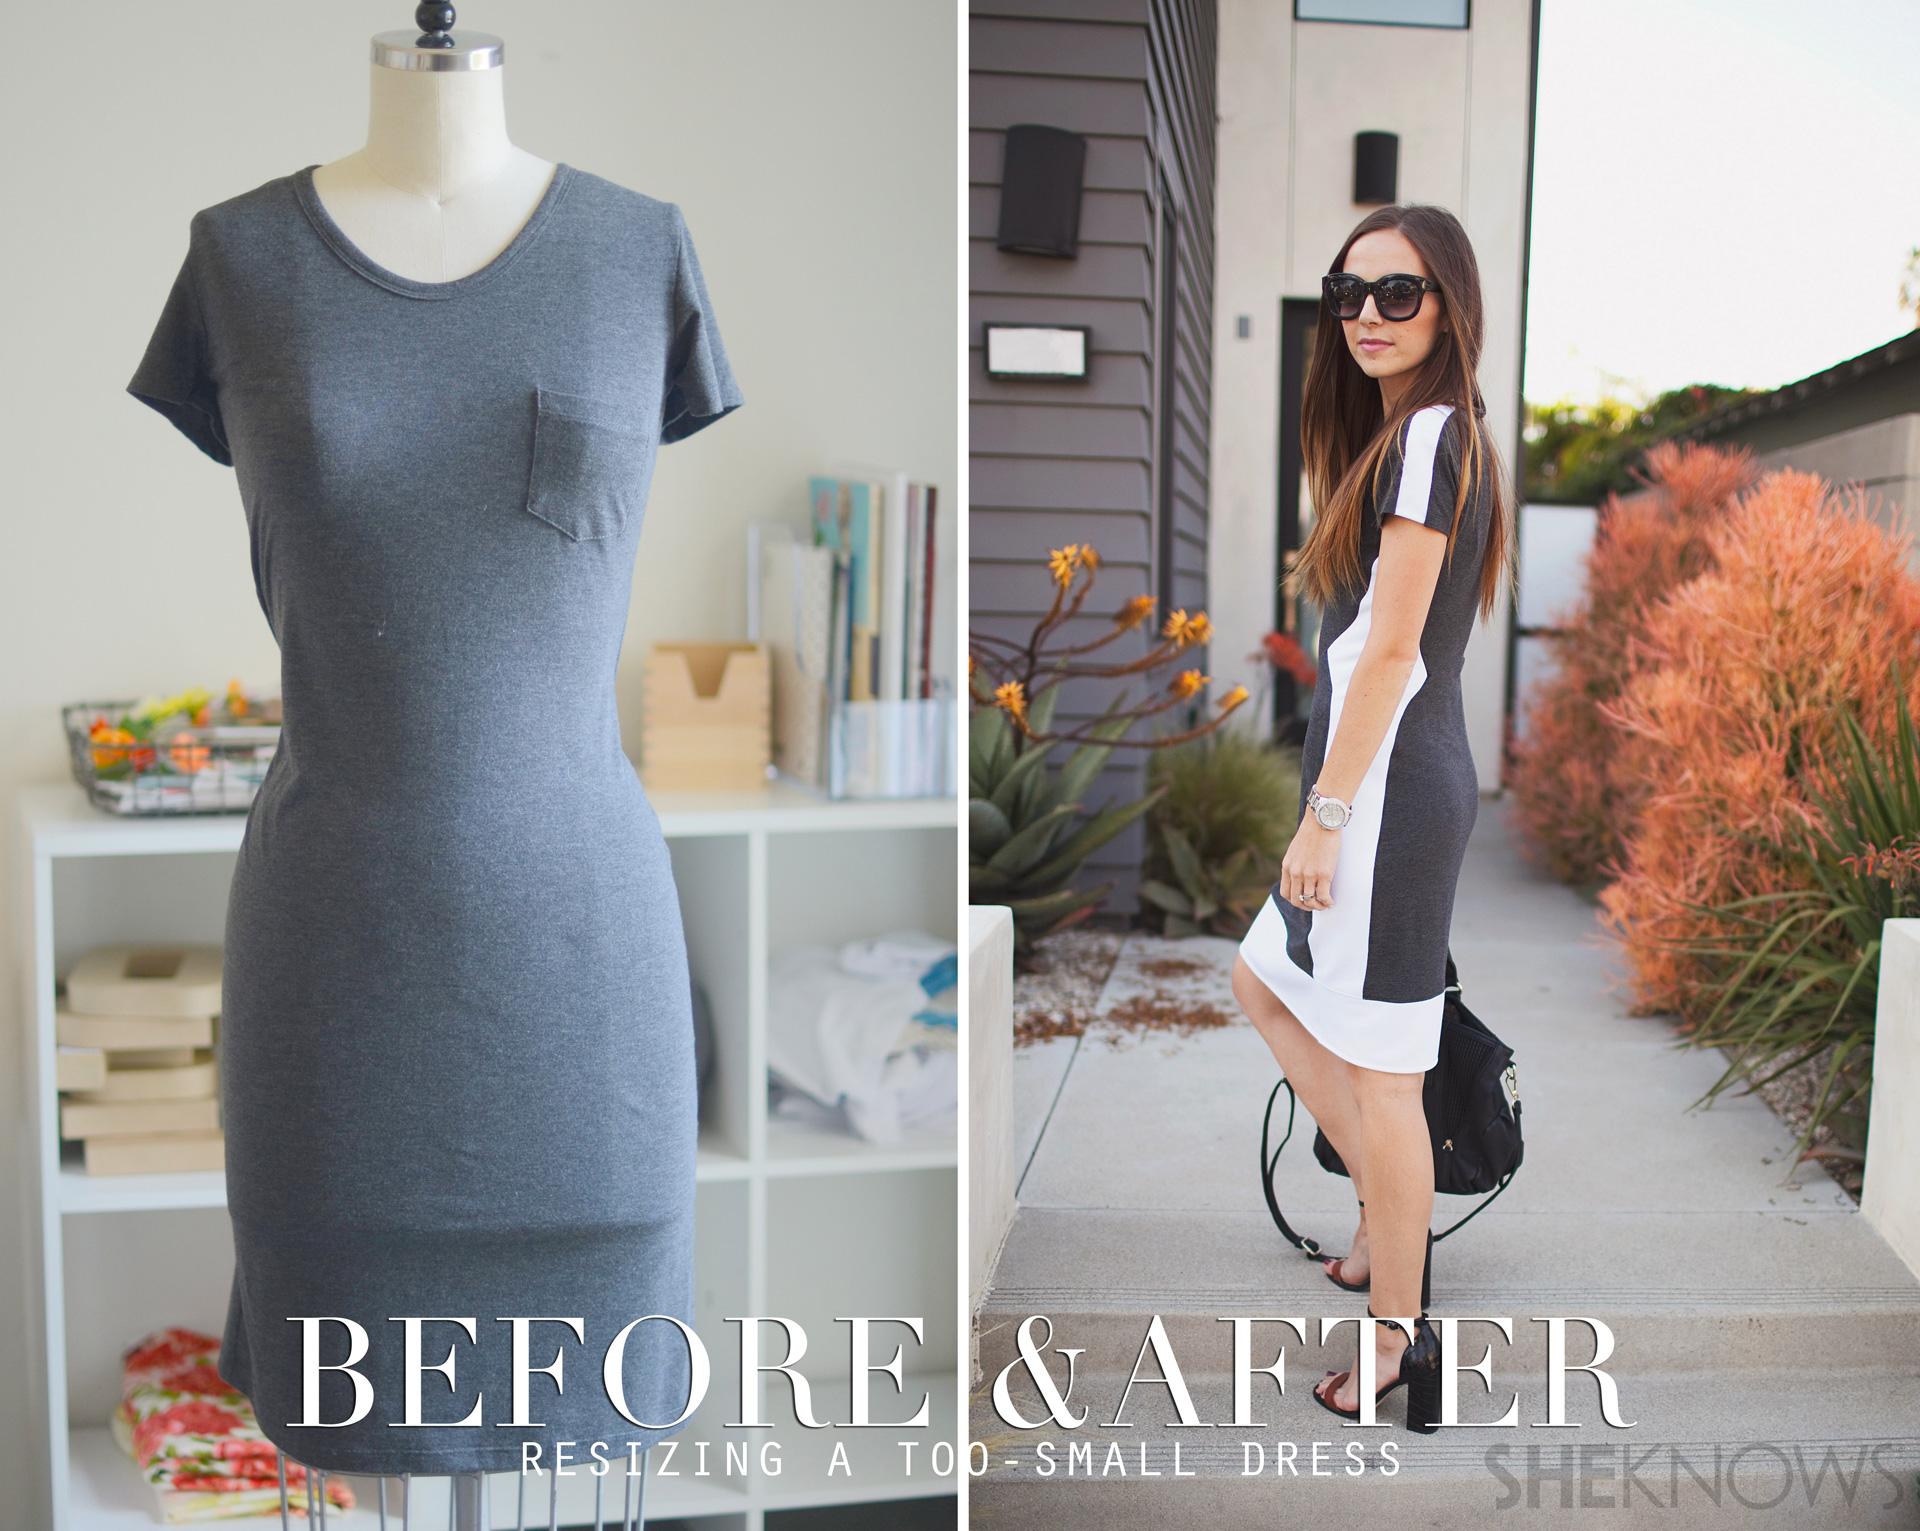 Biến chiếc váy chật thành trang phục hợp mốt - Ảnh 2